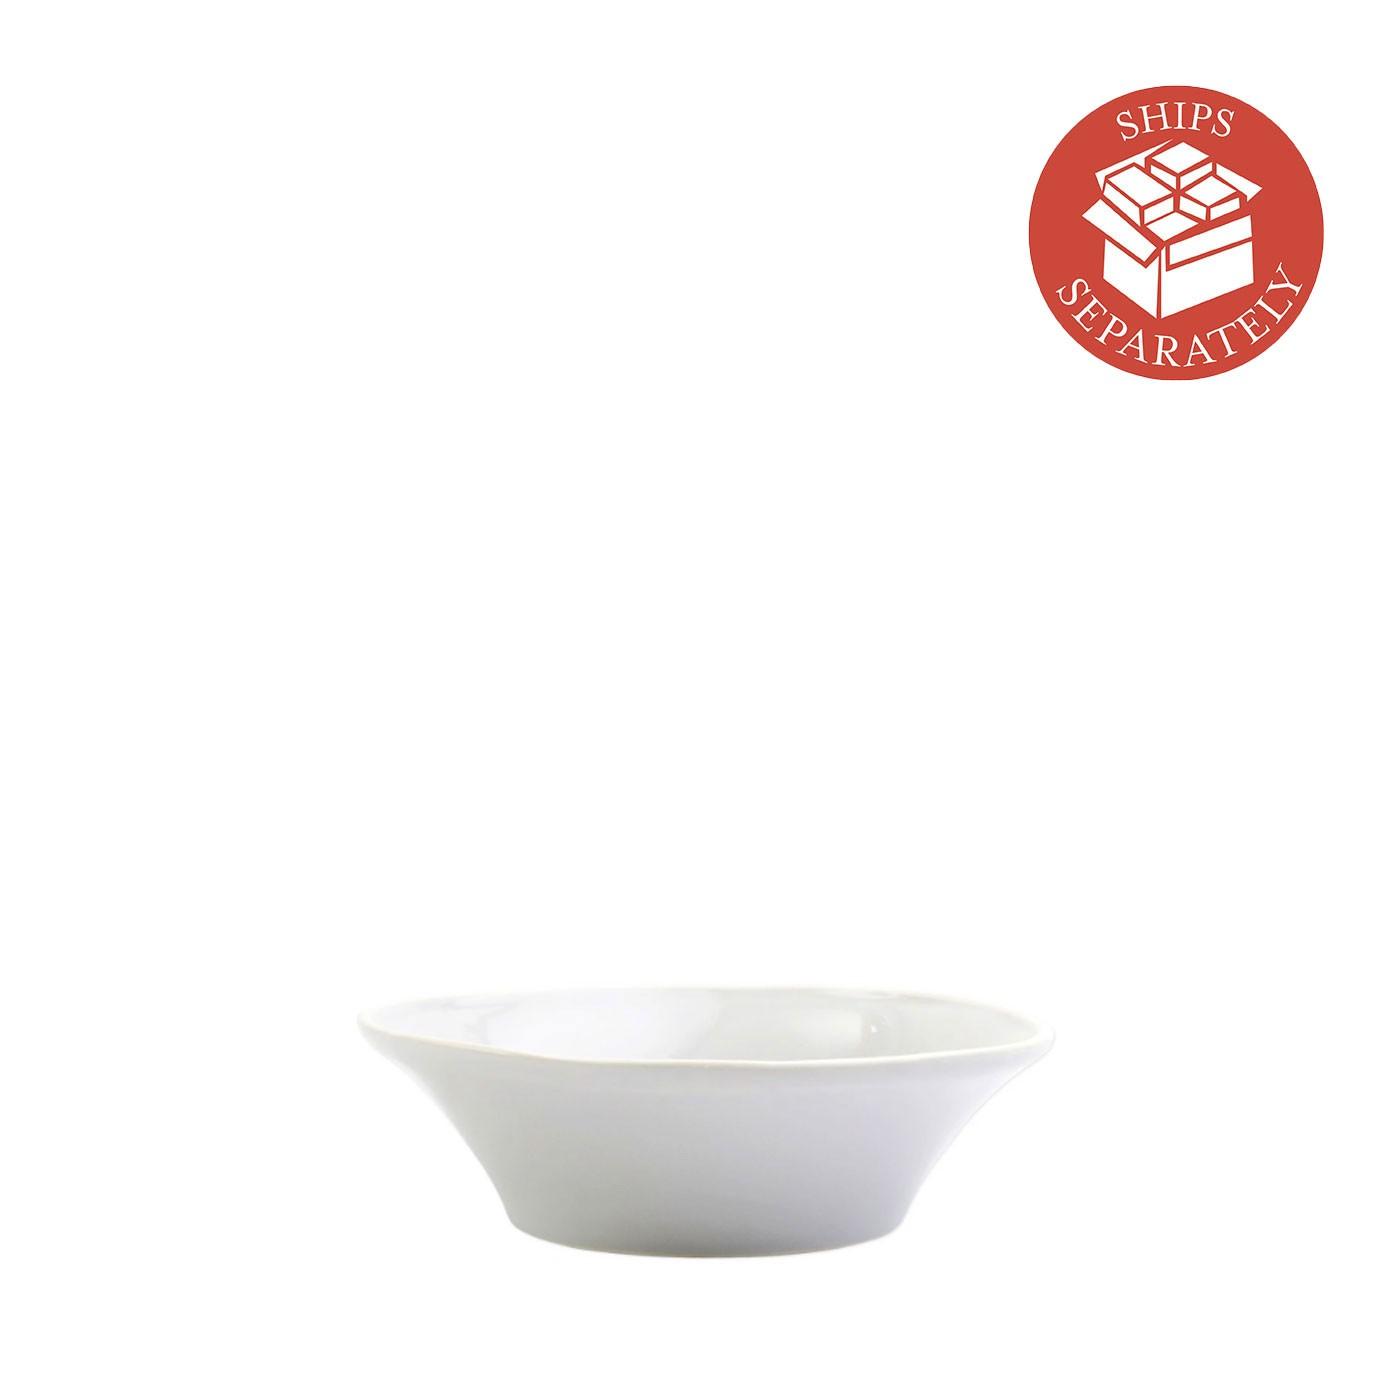 Chroma White Bowl - Vietri   Eataly.com